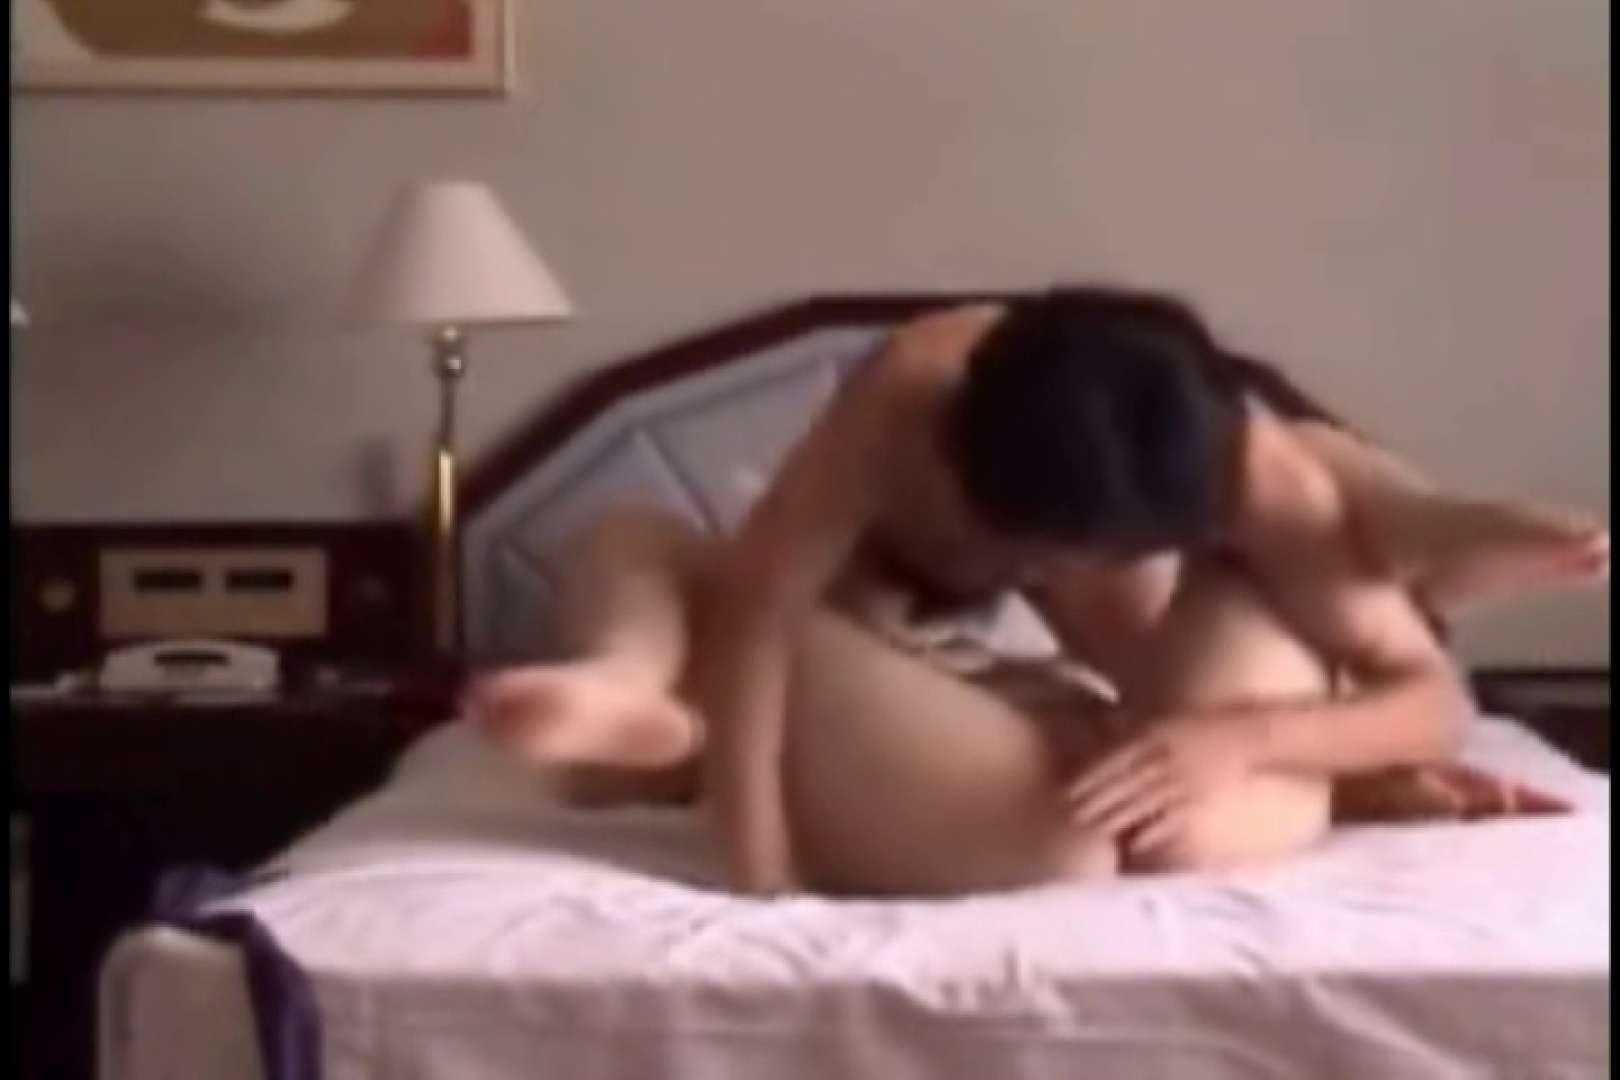 ホテルに抱かれに来る美熟女2 ホテル | 熟女  51PIX 17